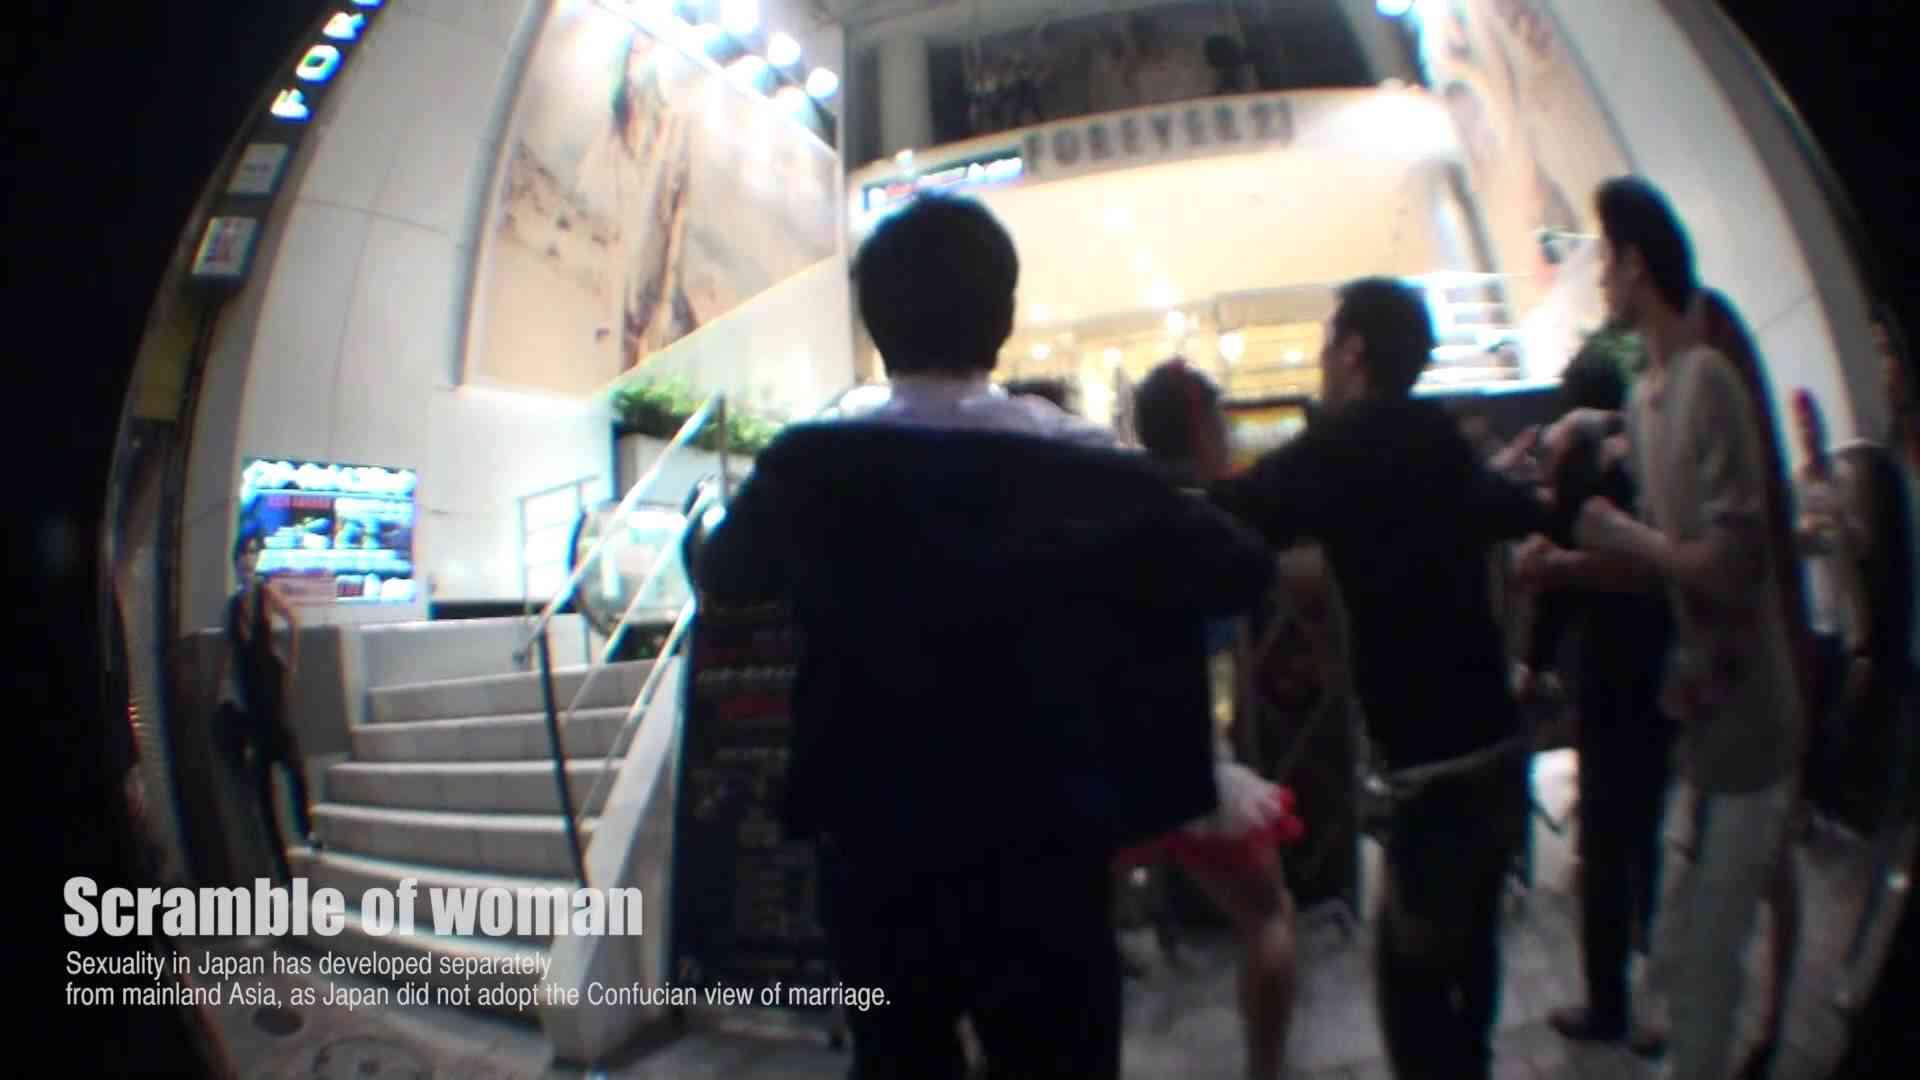 【衝撃映像】女の取り合いでガチ喧嘩が勃発 - YouTube